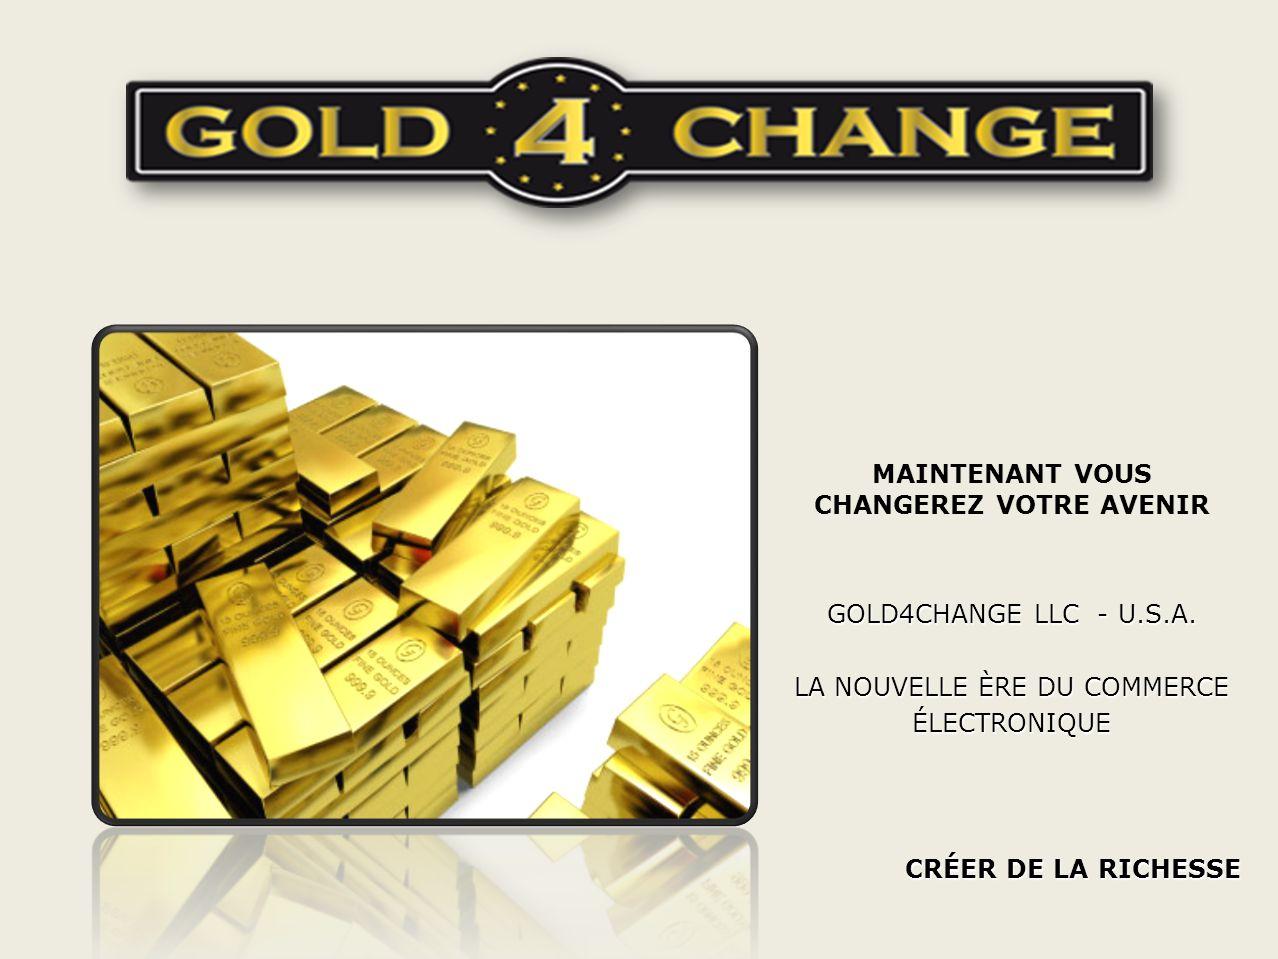 MAINTENANT VOUS CHANGEREZ VOTRE AVENIR GOLD4CHANGE LLC - U.S.A.